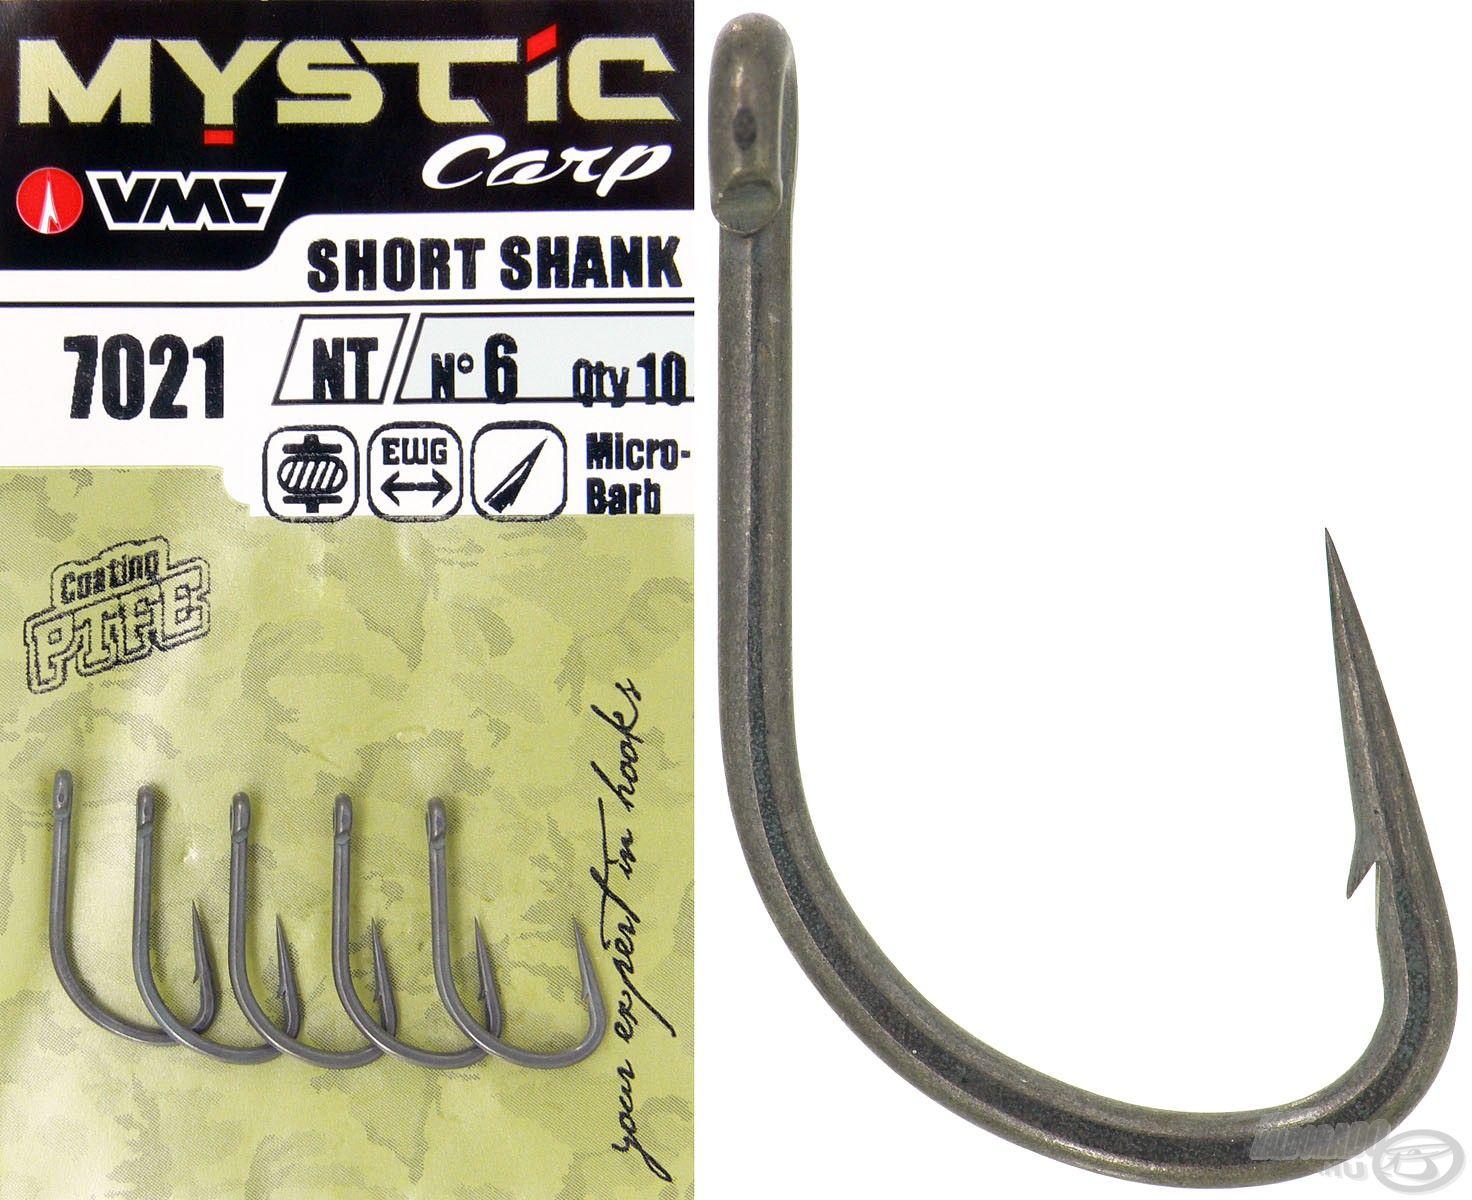 A Mystic Carp Short Shank egy speciális szögben visszahajtott, meghosszabbított horogheggyel rendelkező típus, ami tökéletes és rettentően stabil akadást biztosít